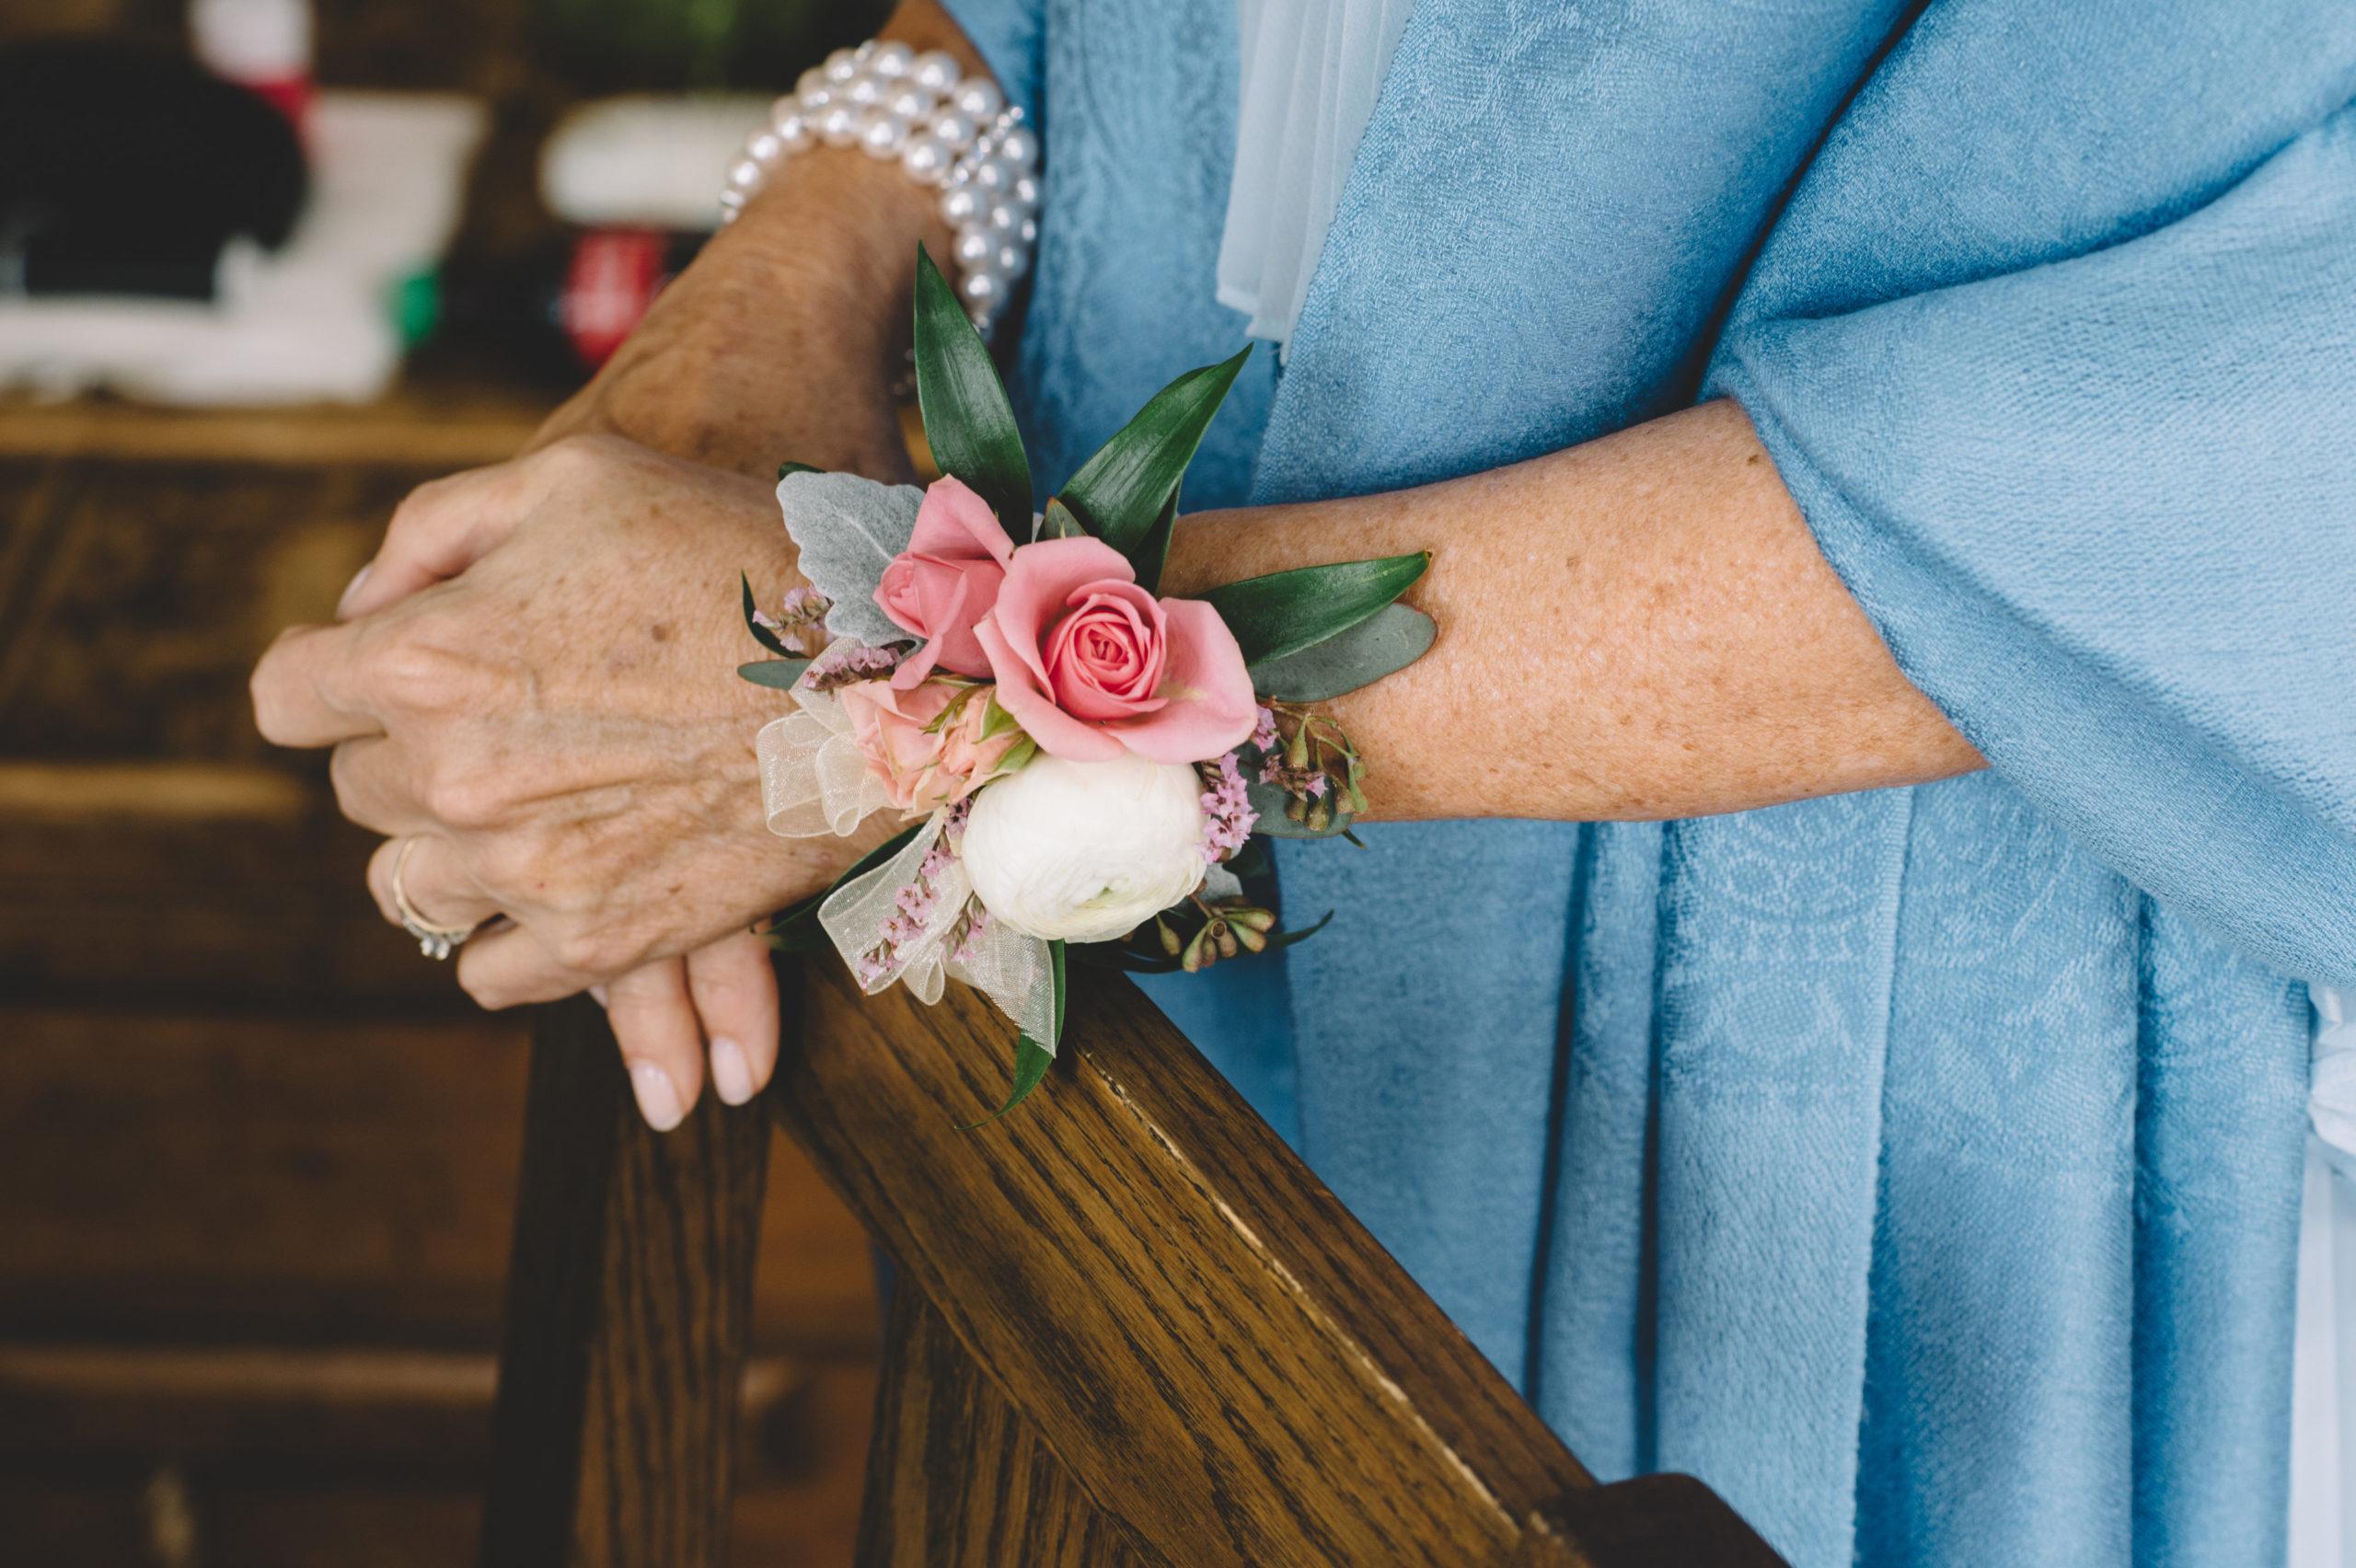 Szymon Szymczakowski_Tofino Wedding Florals